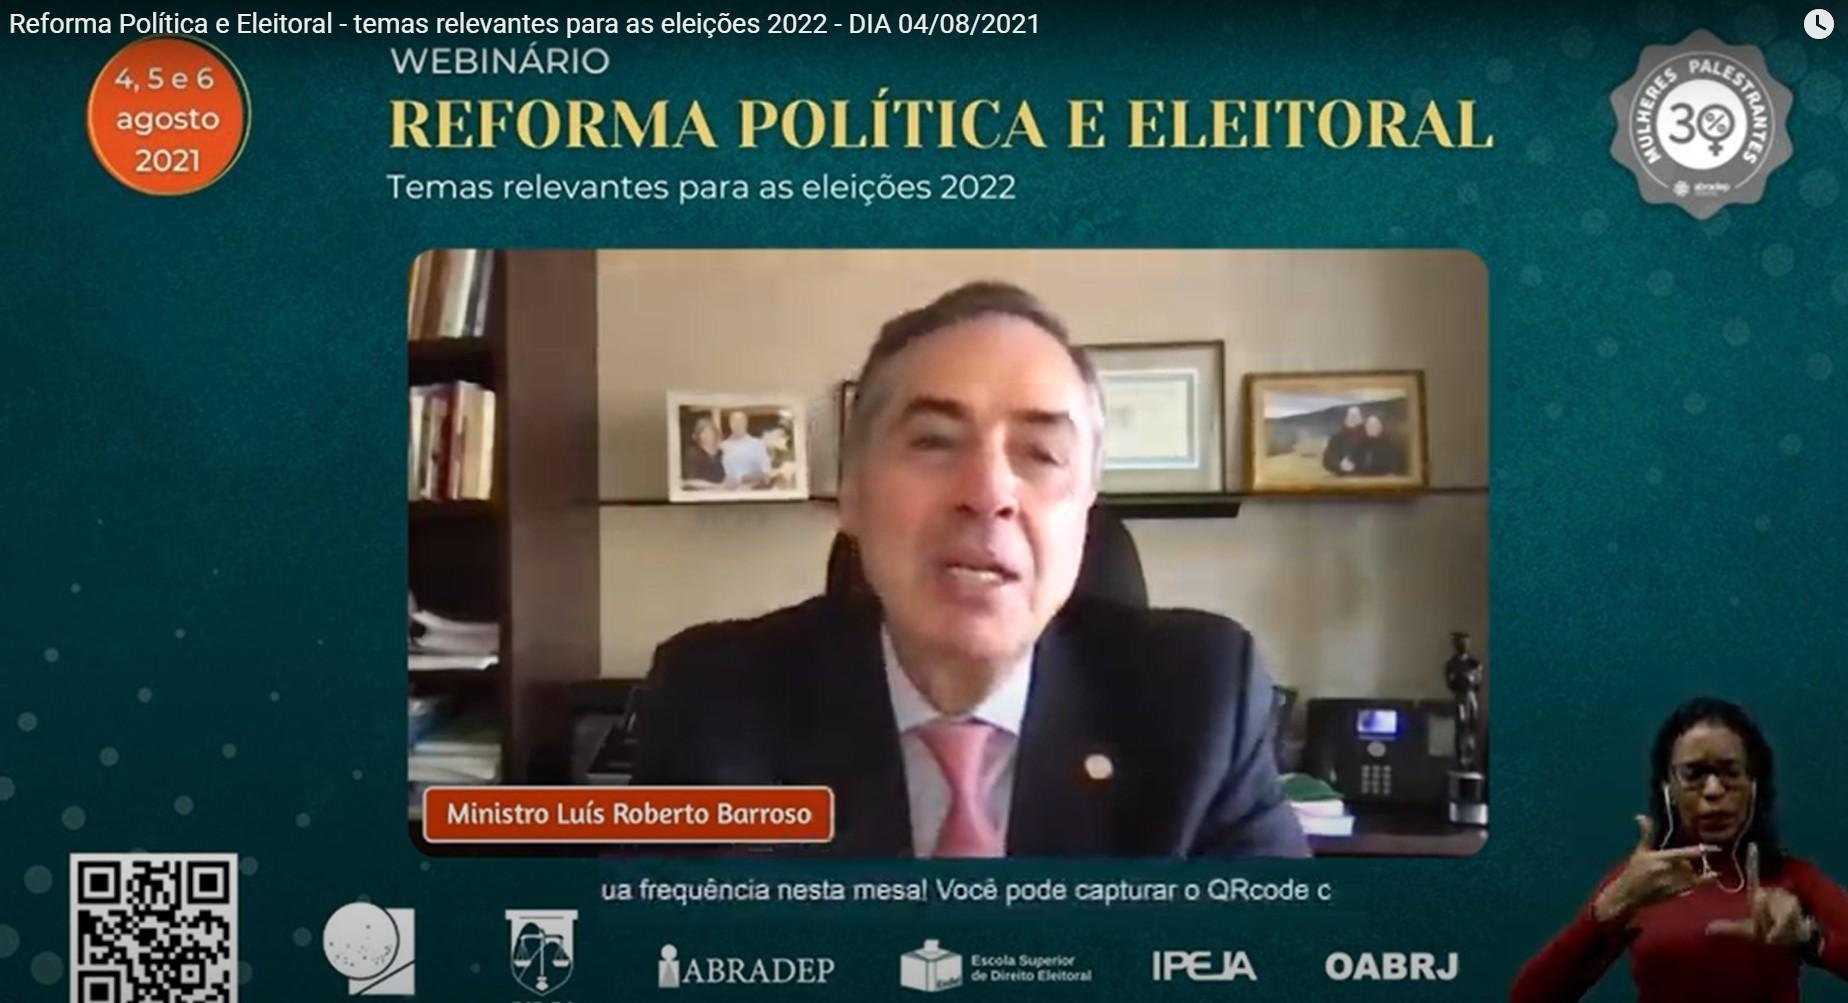 Barroso diz que 'uma das vertentes do autoritarismo' é 'discurso de que se eu perder, houve fraude'